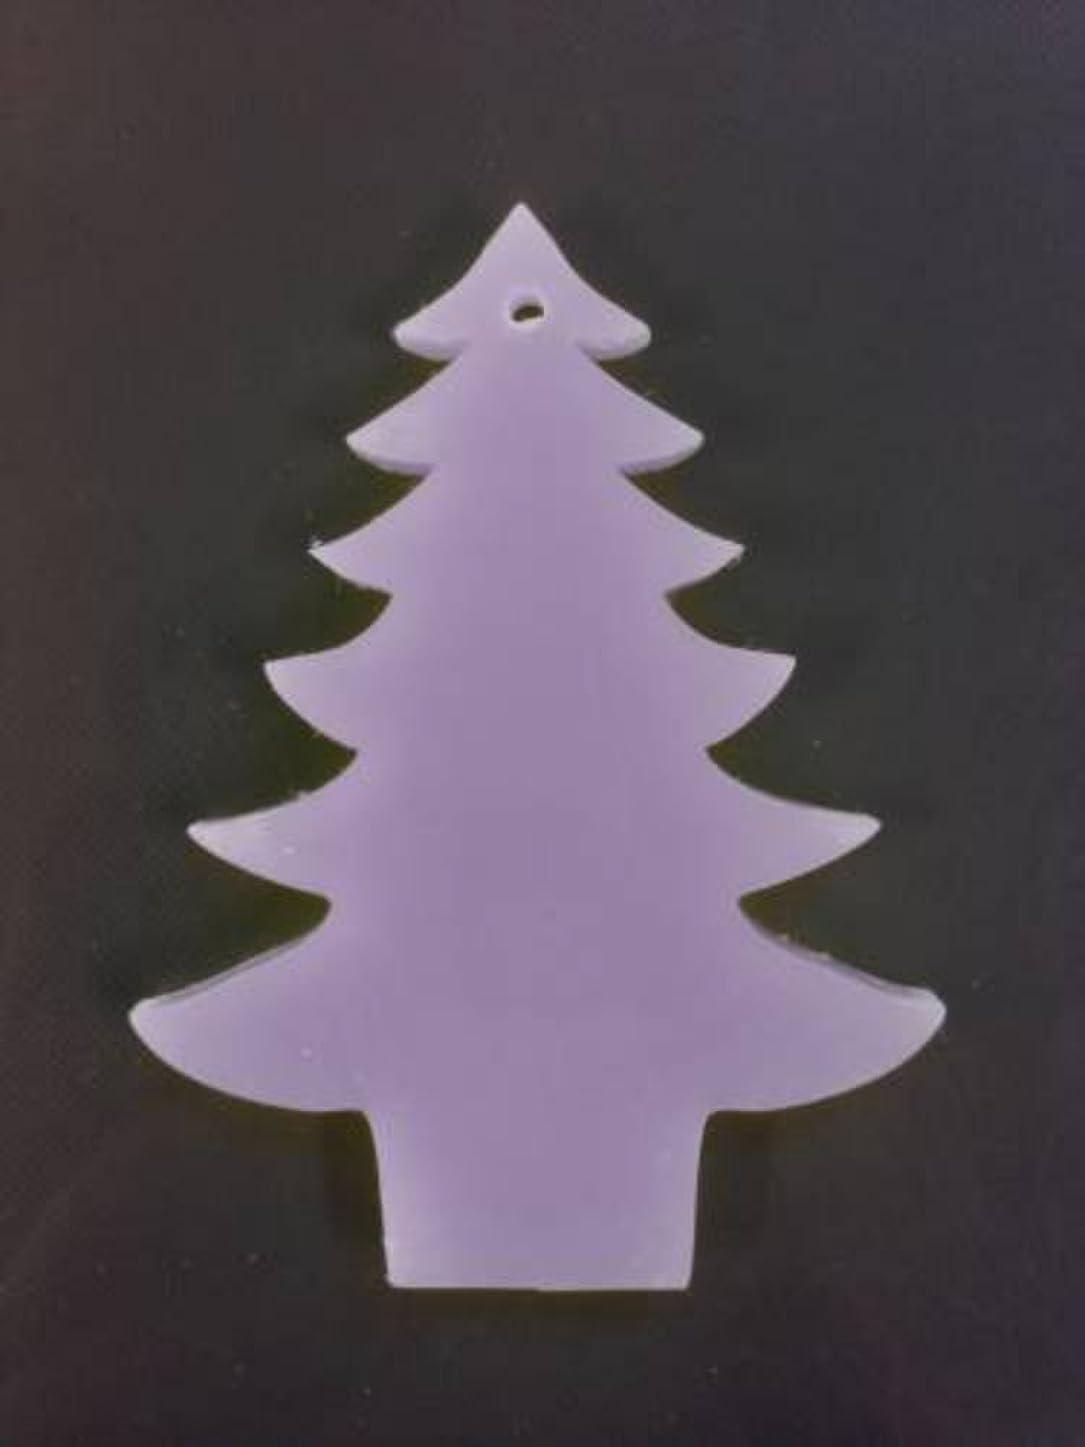 シソーラス満足野ウサギGRASSE TOKYO AROMATICWAXチャーム「ツリー」(PU) ラベンダー アロマティックワックス グラーストウキョウ